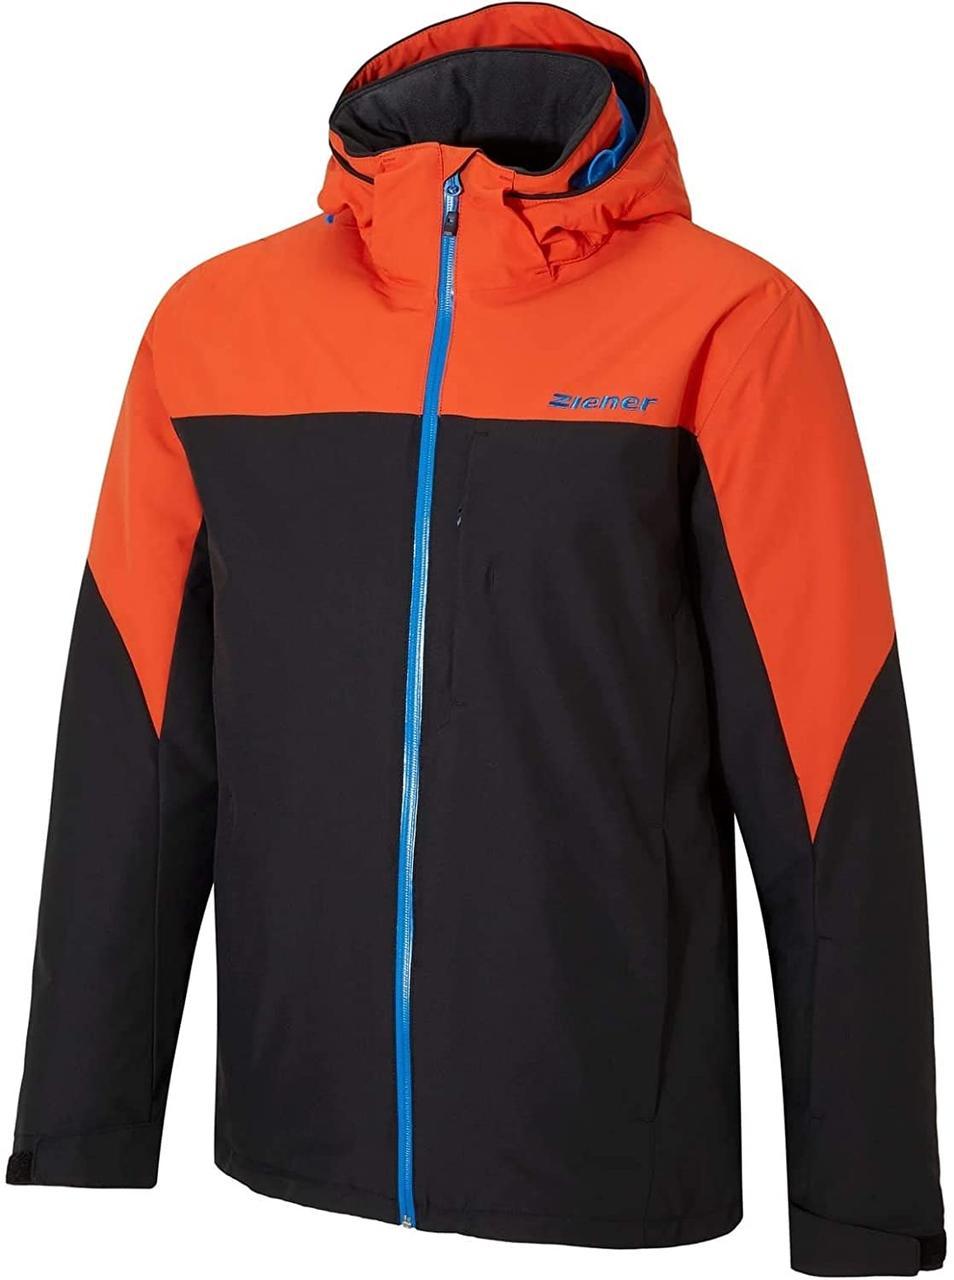 Чоловіча гірськолижна куртка Ziener Packo Man | 54(XXL)